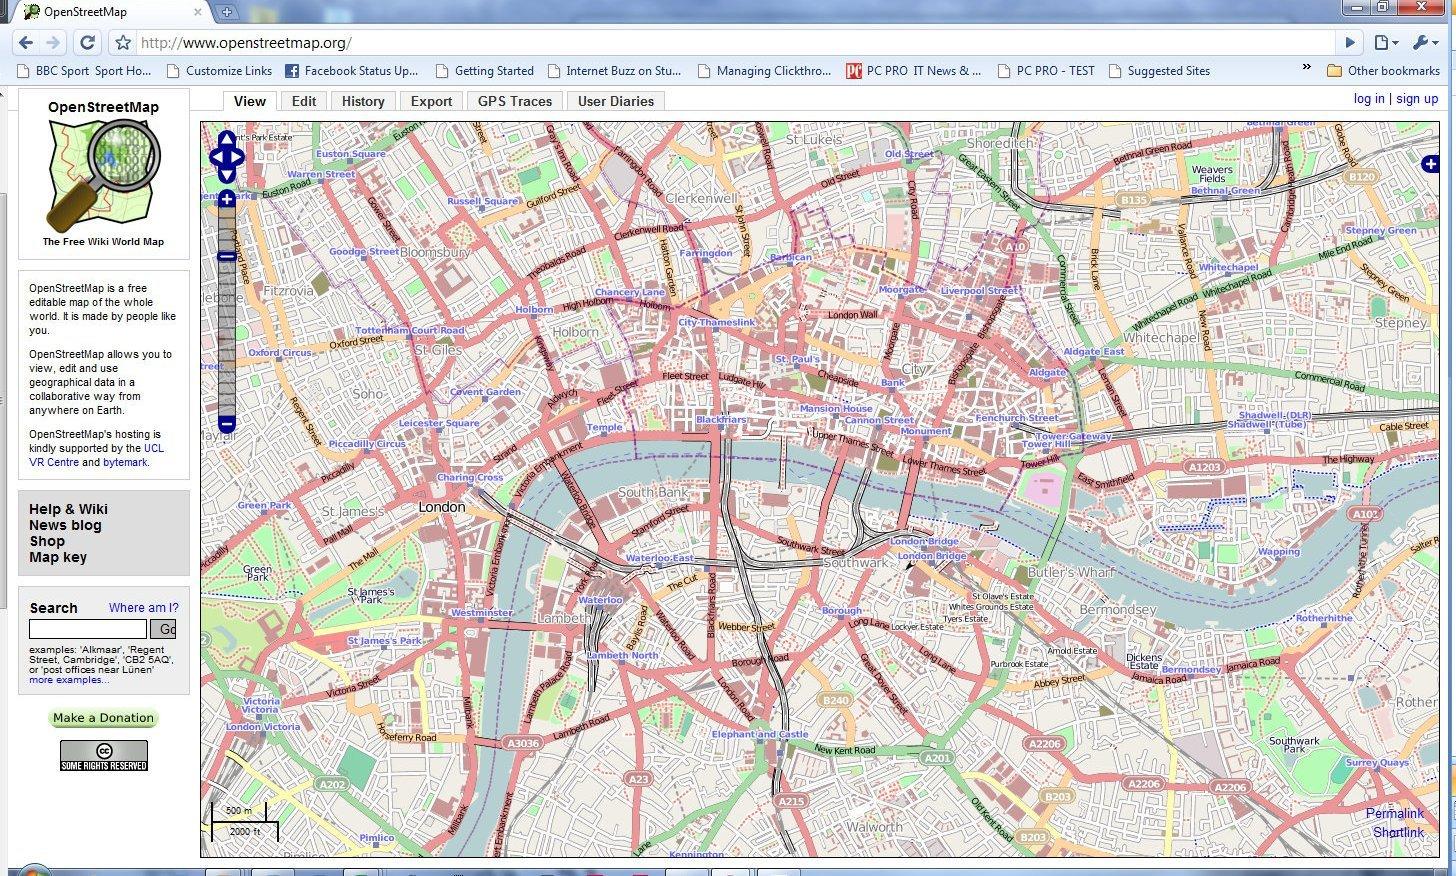 Топографические карты Open Street Map с английским вариантом интерфейса